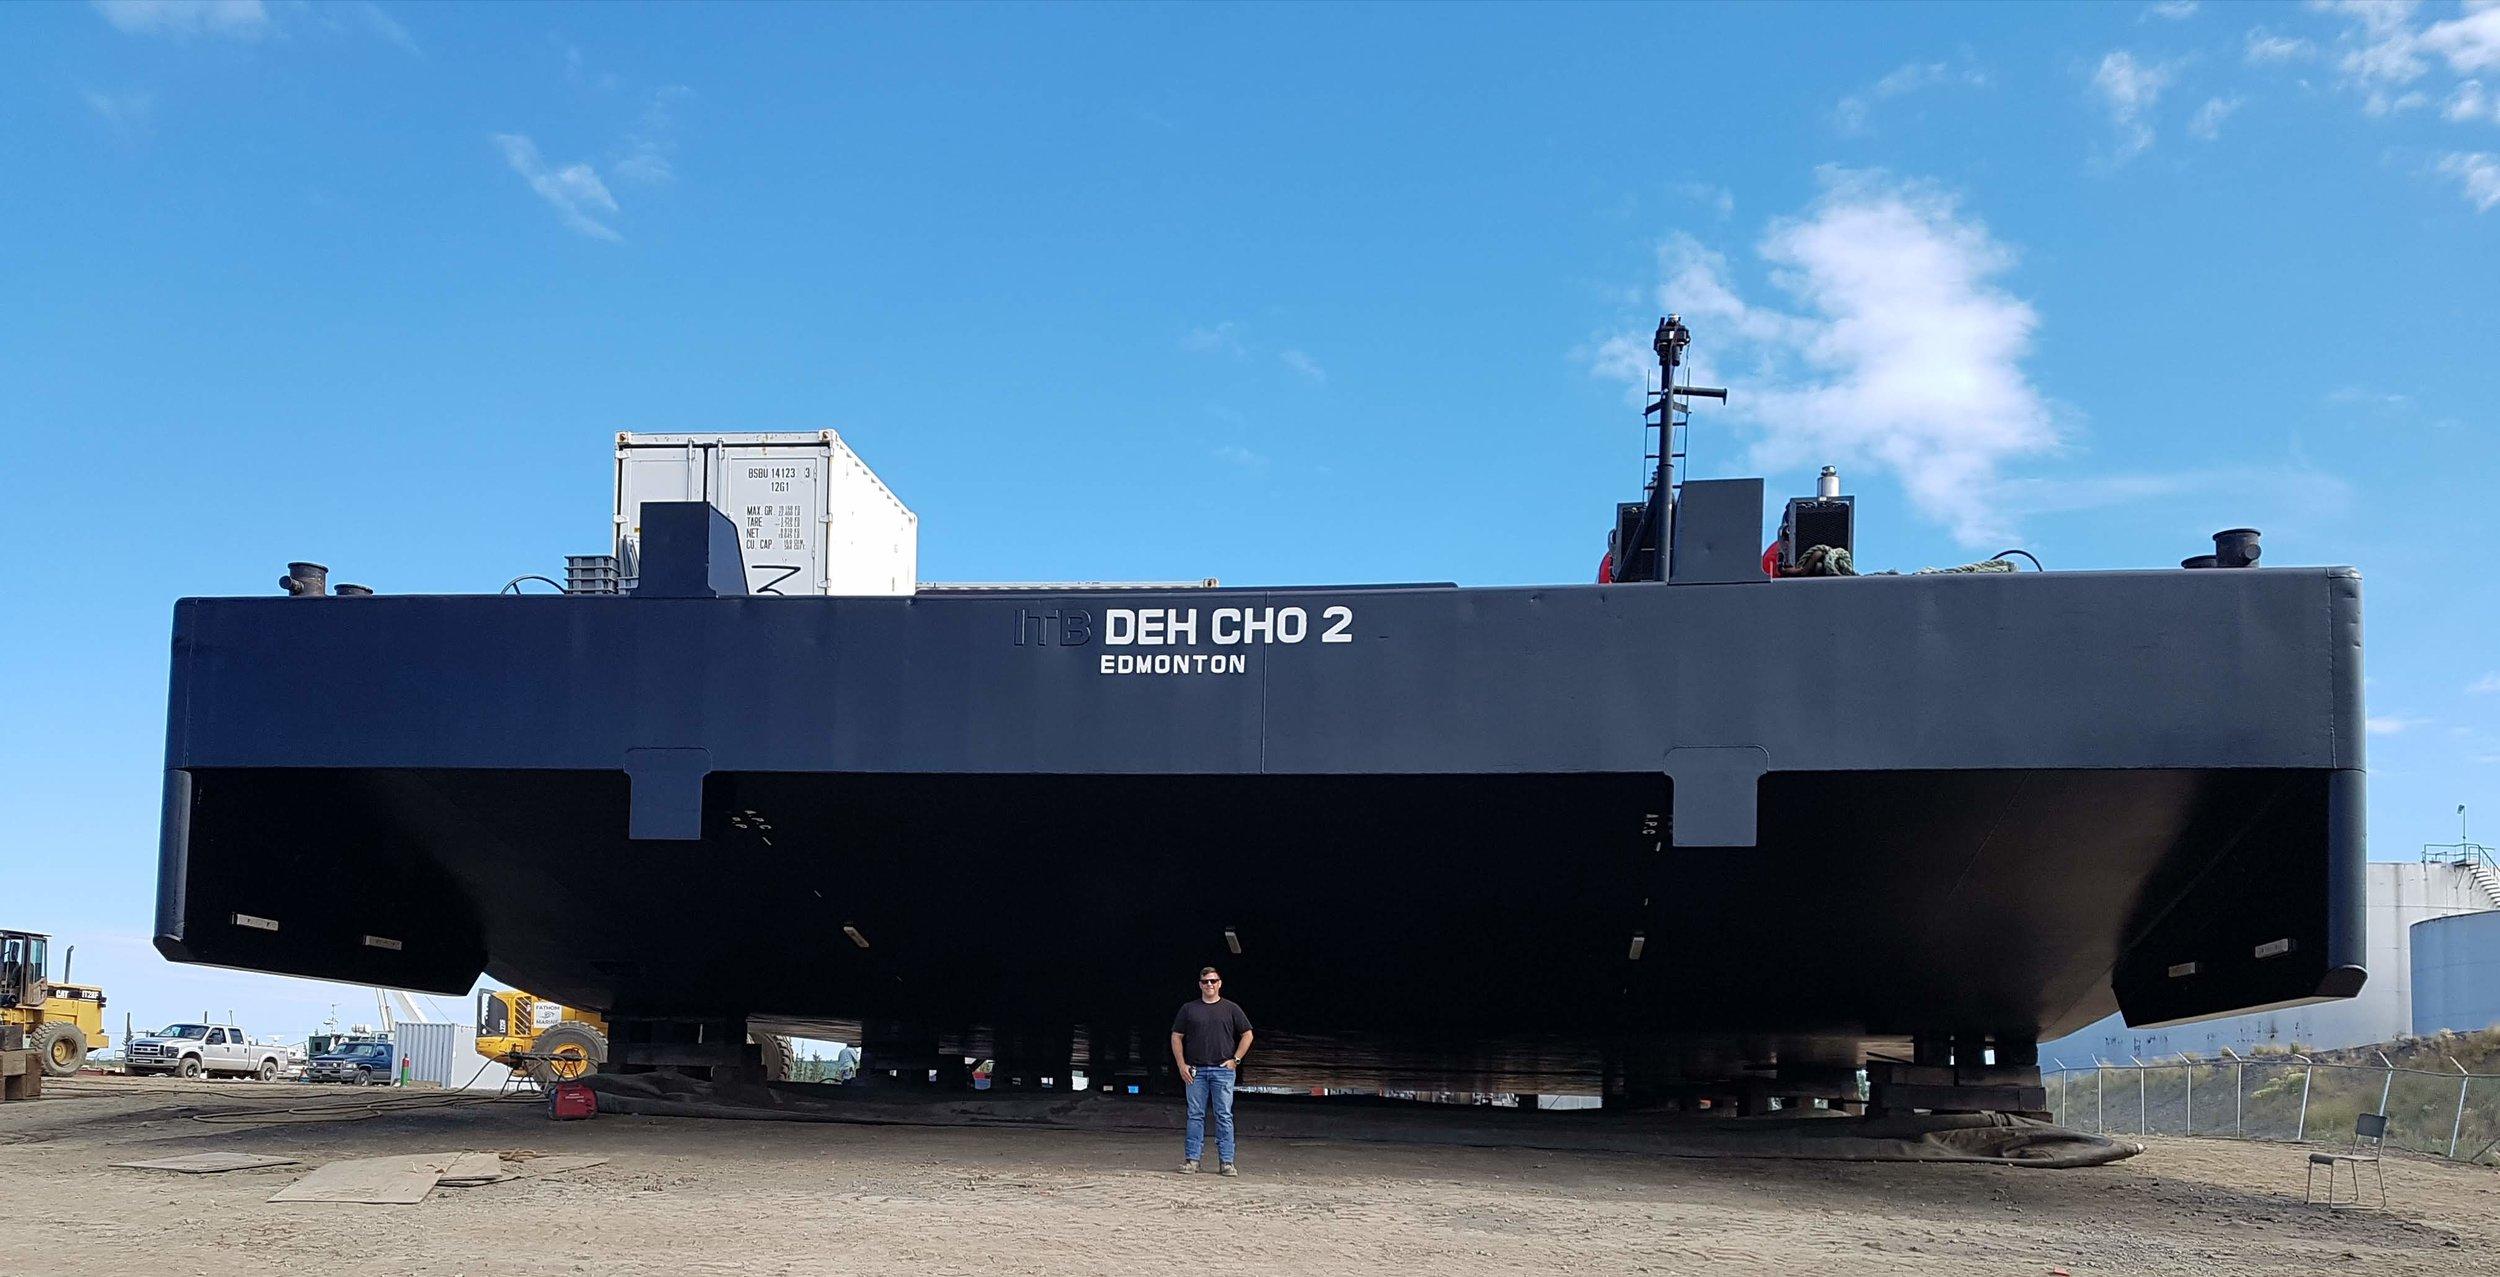 DEH CHO 1 + 2